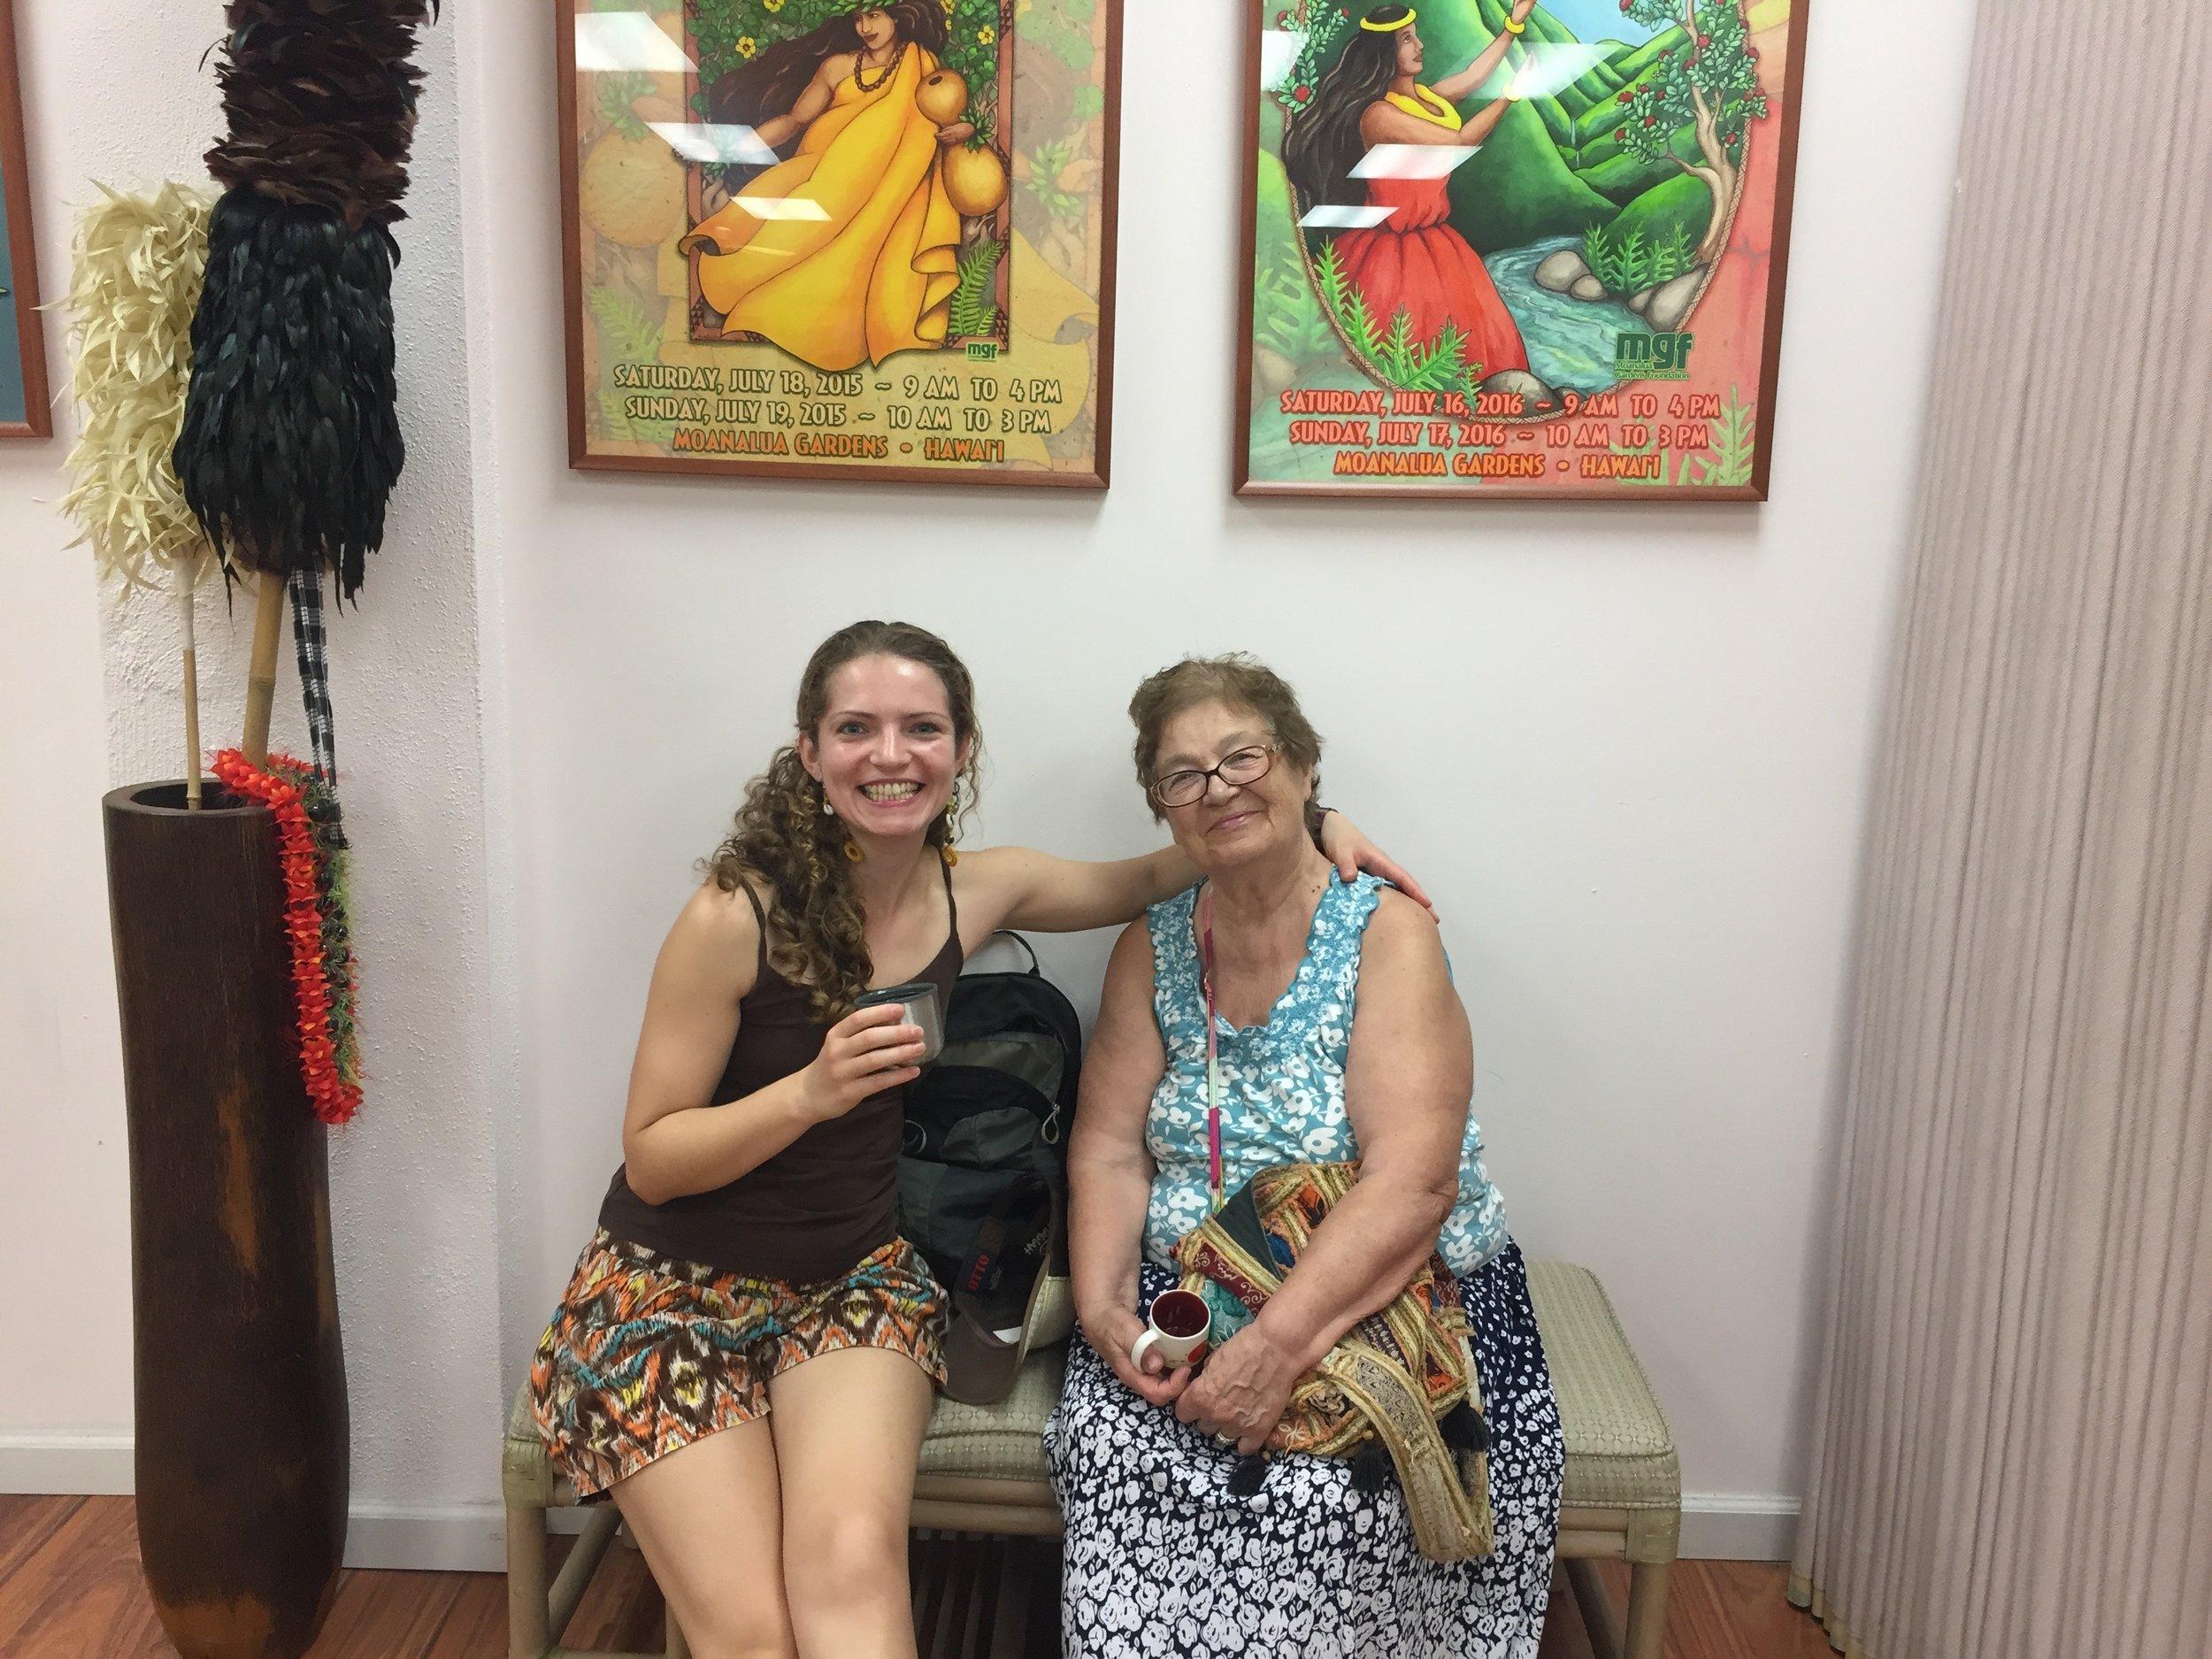 Maria y abuela.jpg